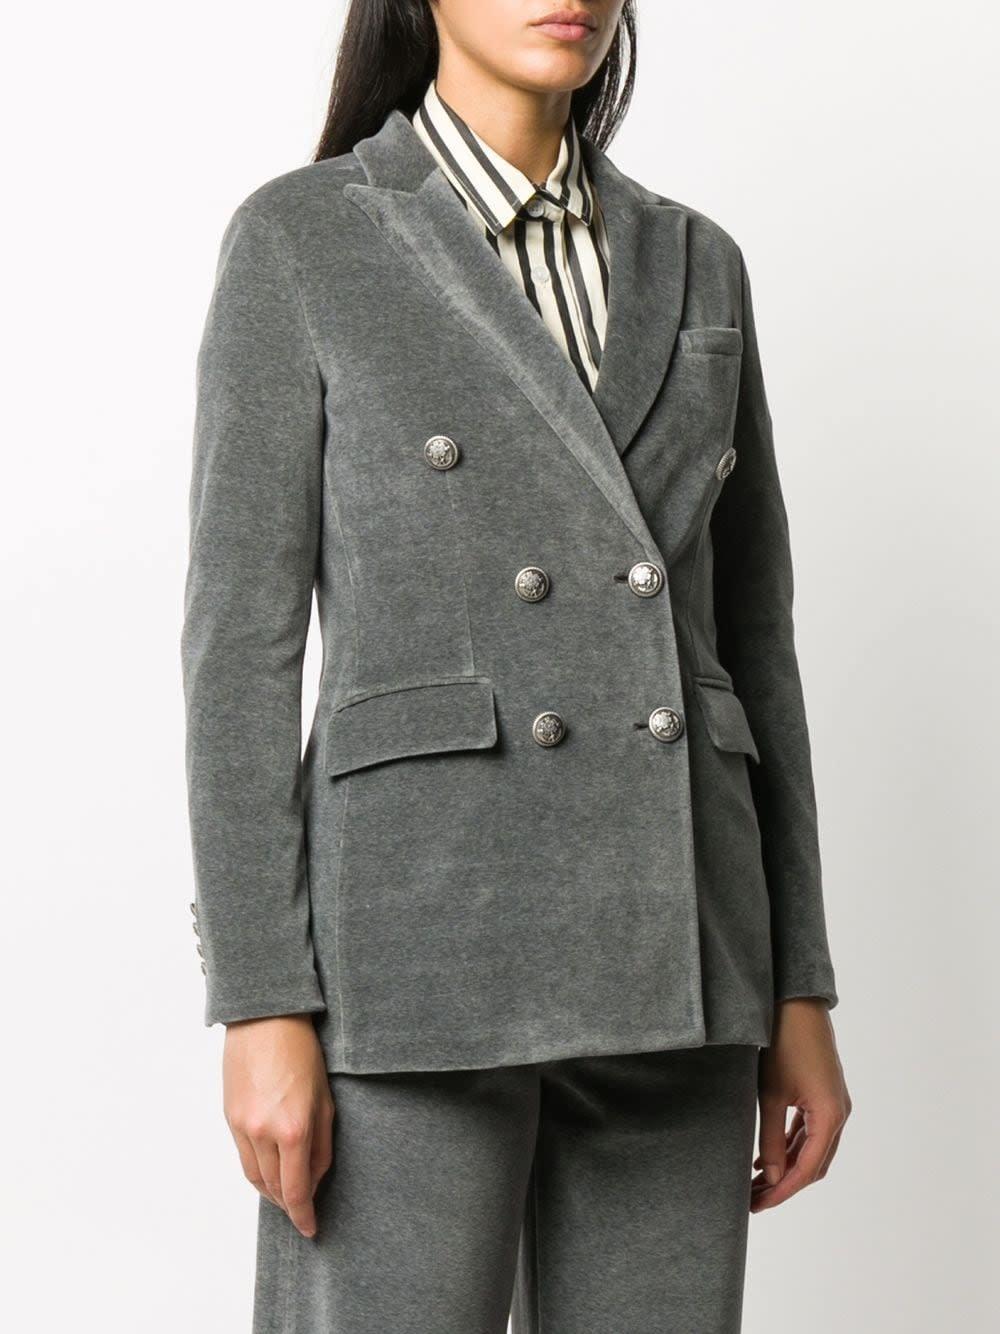 blazer velours circolo FD1656-3